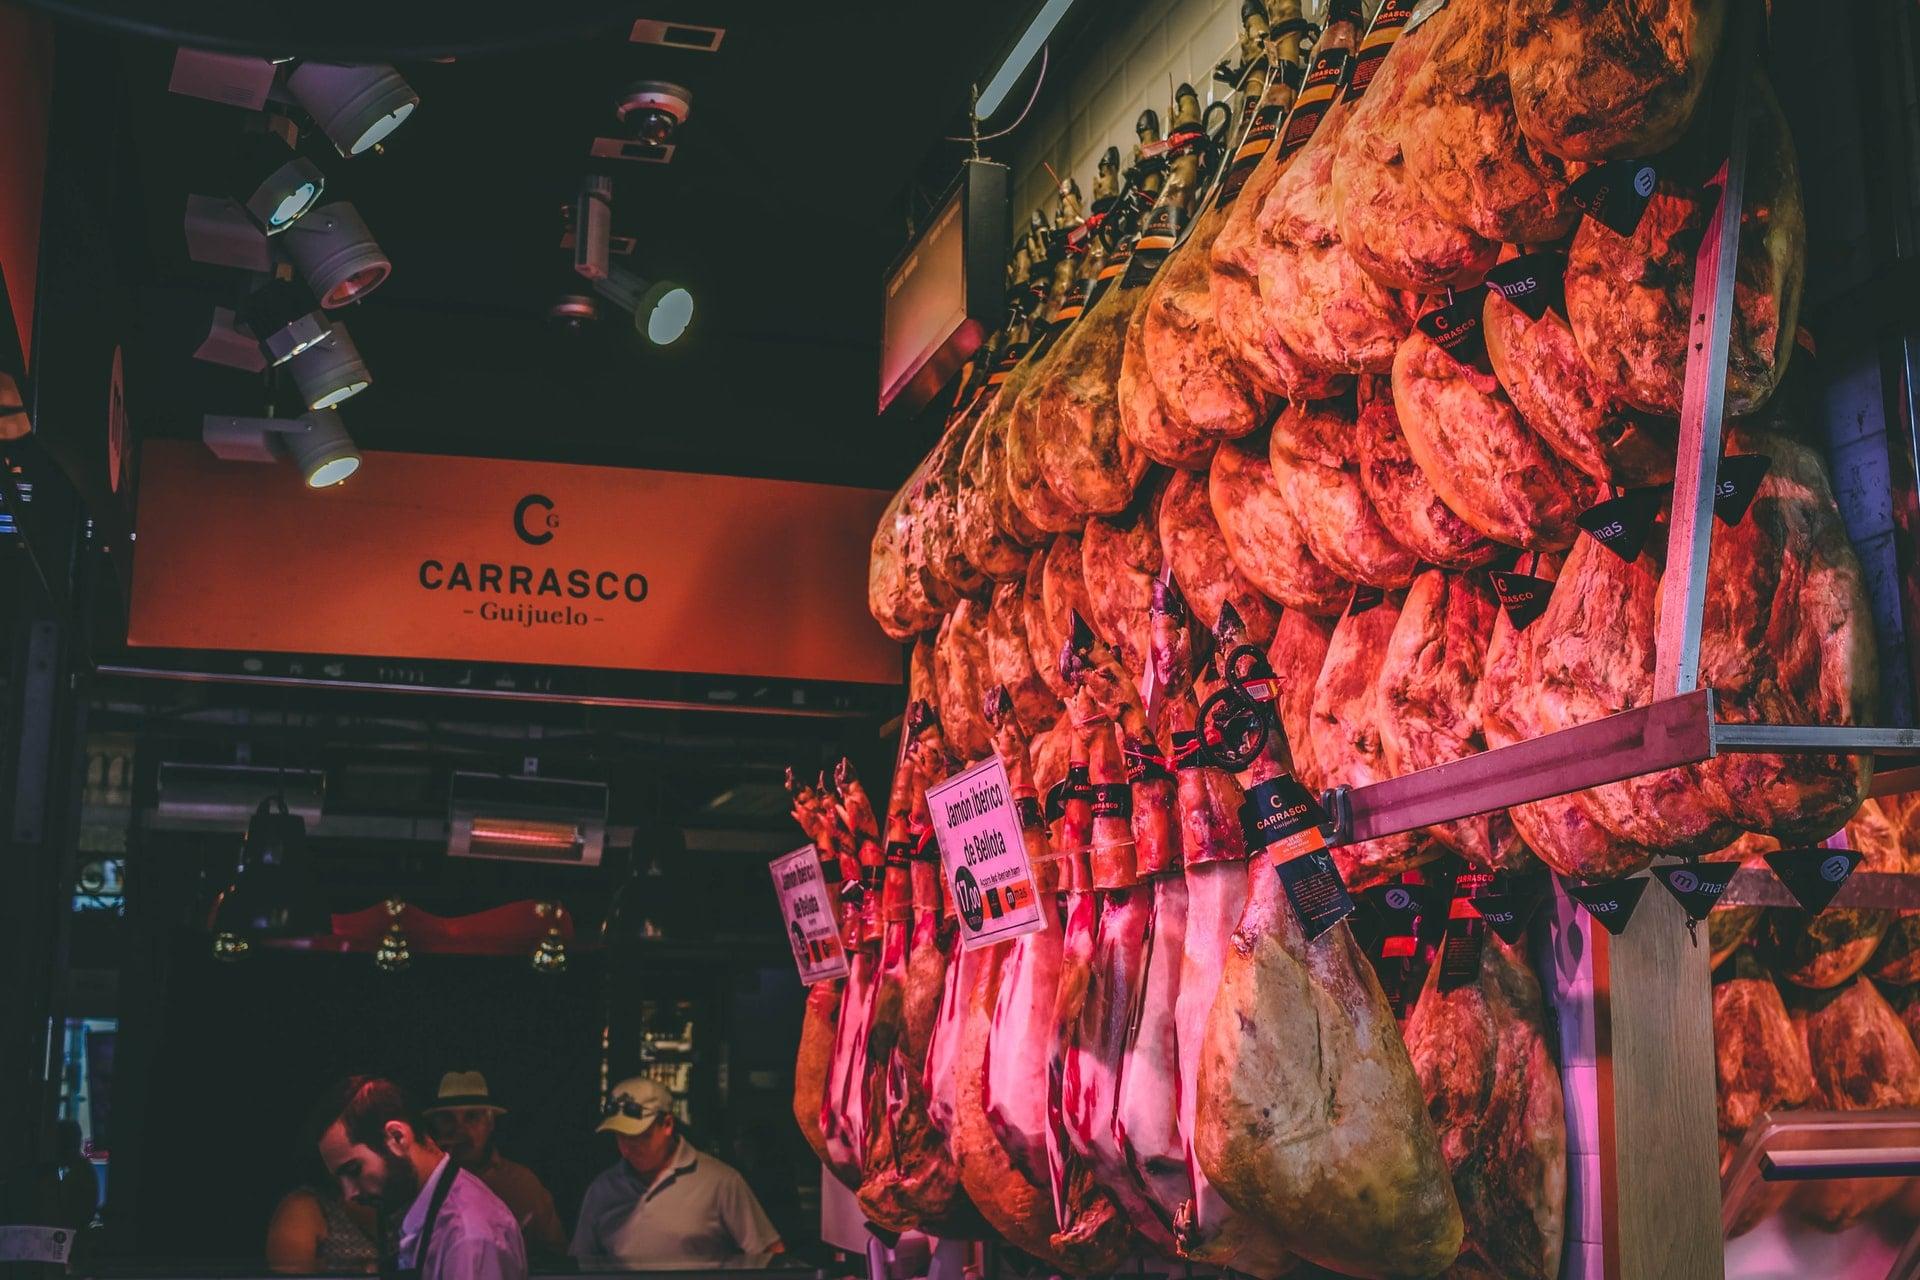 ham-hanging-up-in-market-at-night-carrasco-guijuelo-mercado-de-san-miguel